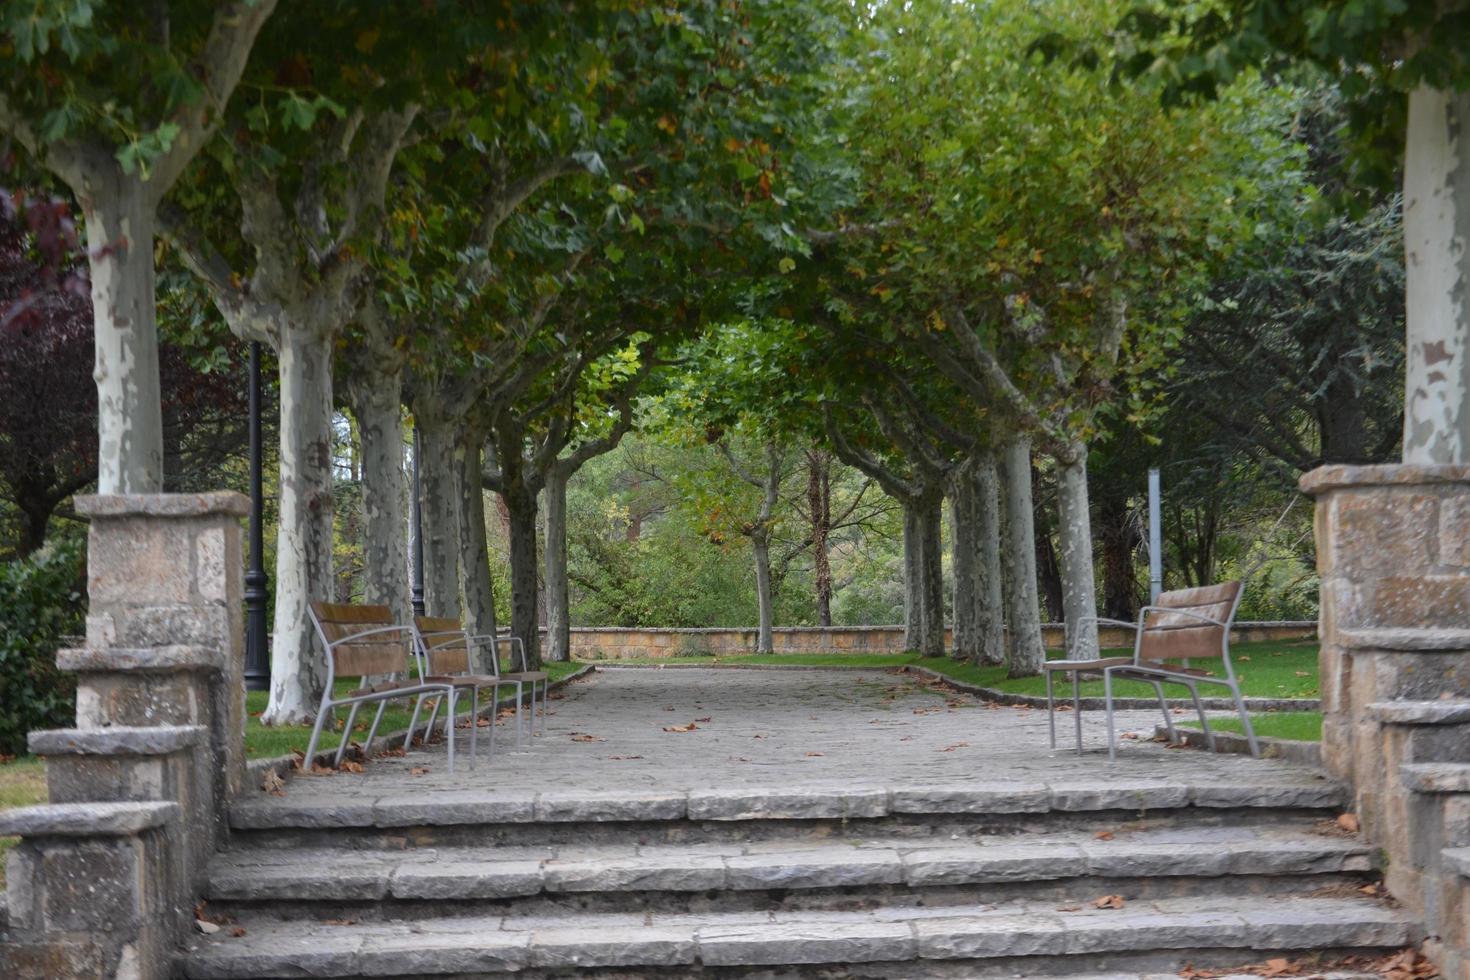 el parque con los arboles foto